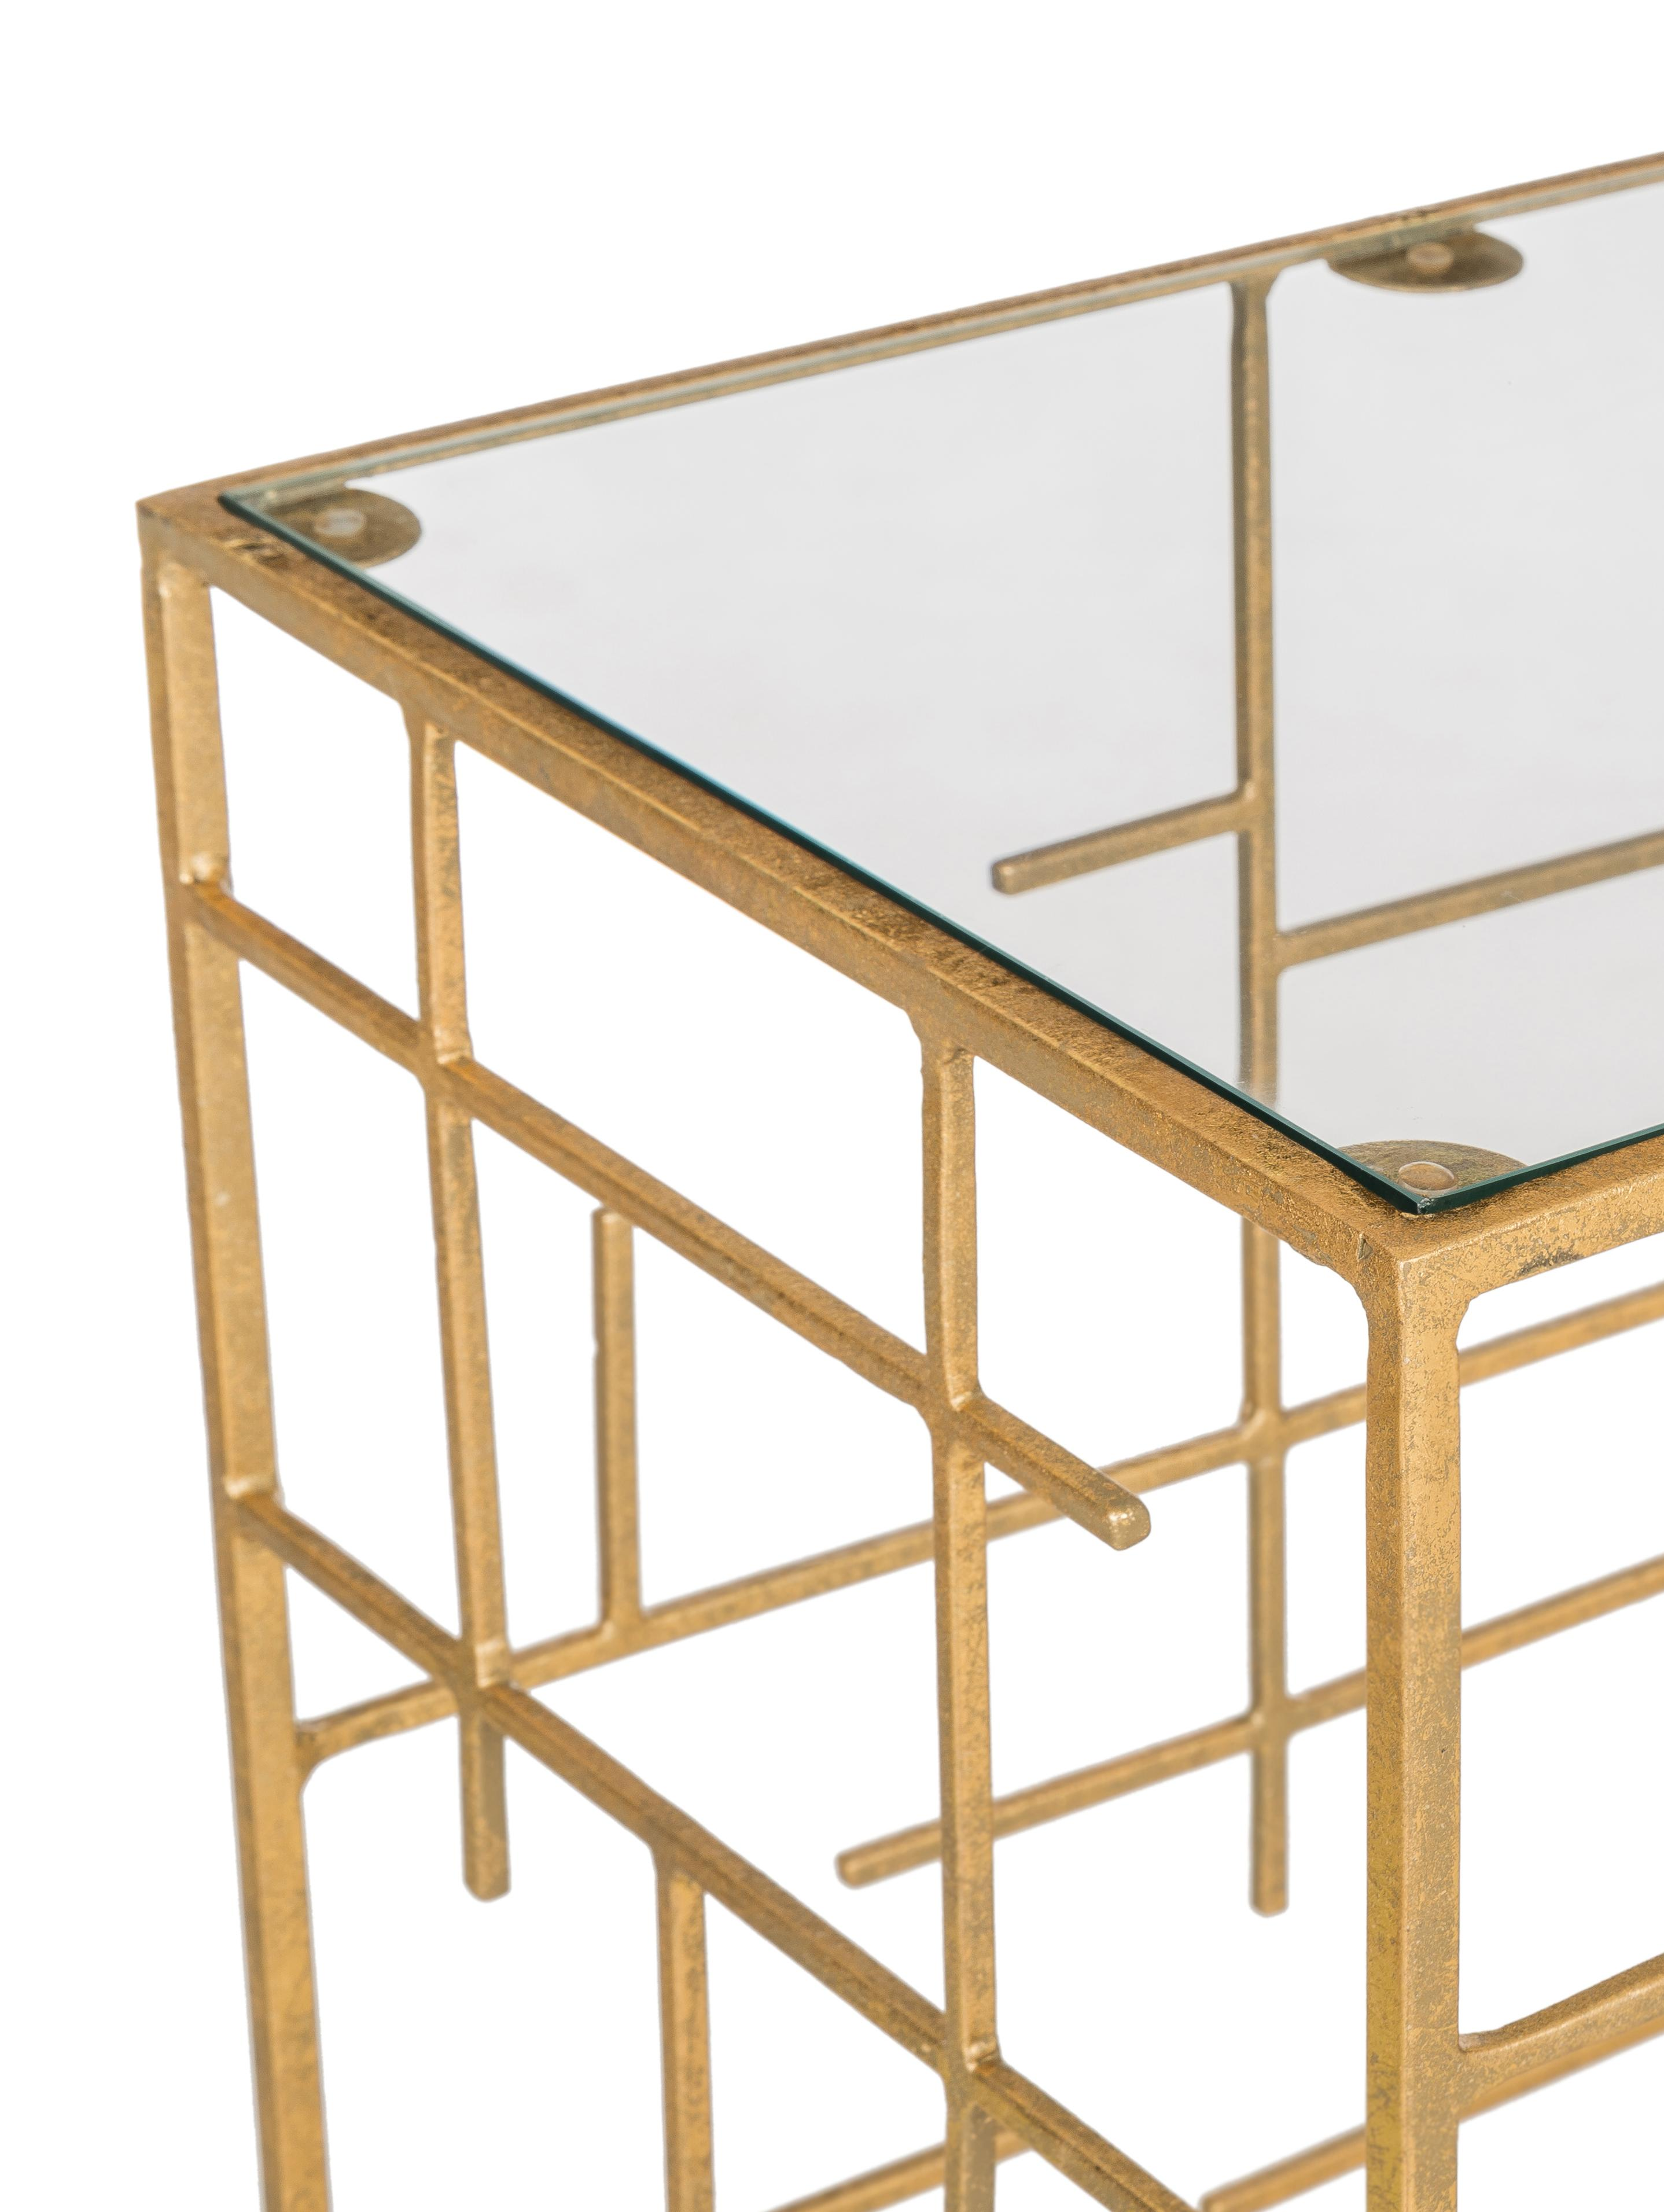 Consolle in vetro e metallo dorato Nola, Mensola: vetro, Struttura: metallo rivestito, Dorato, Larg. 120 x Prof. 35 cm